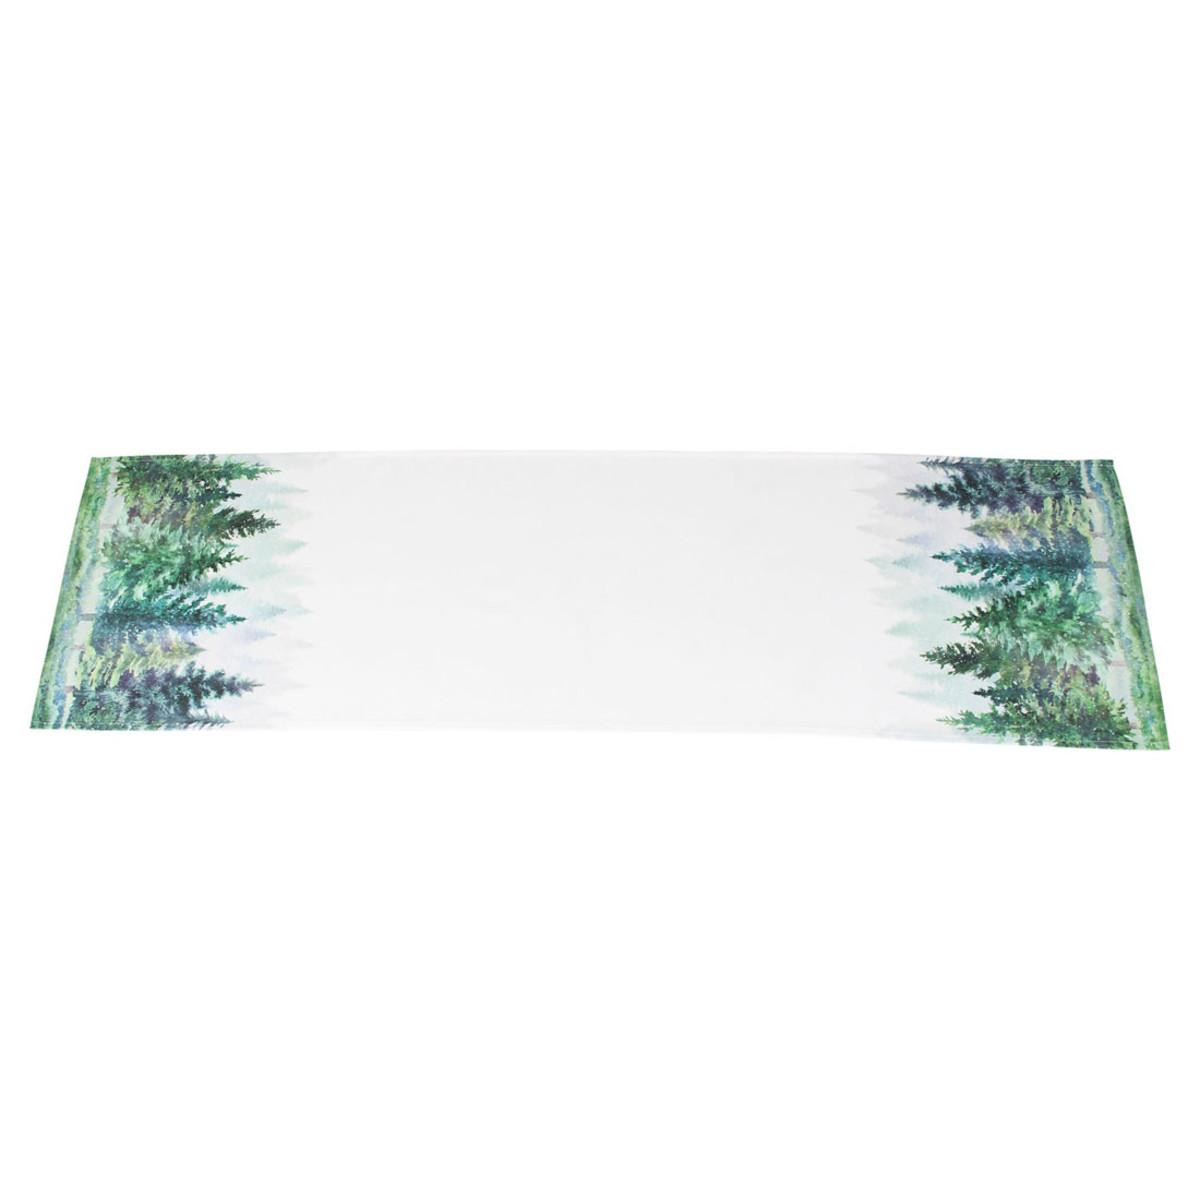 Дорожка на стол Хит-декор Еловый лес 07721 140х40 см